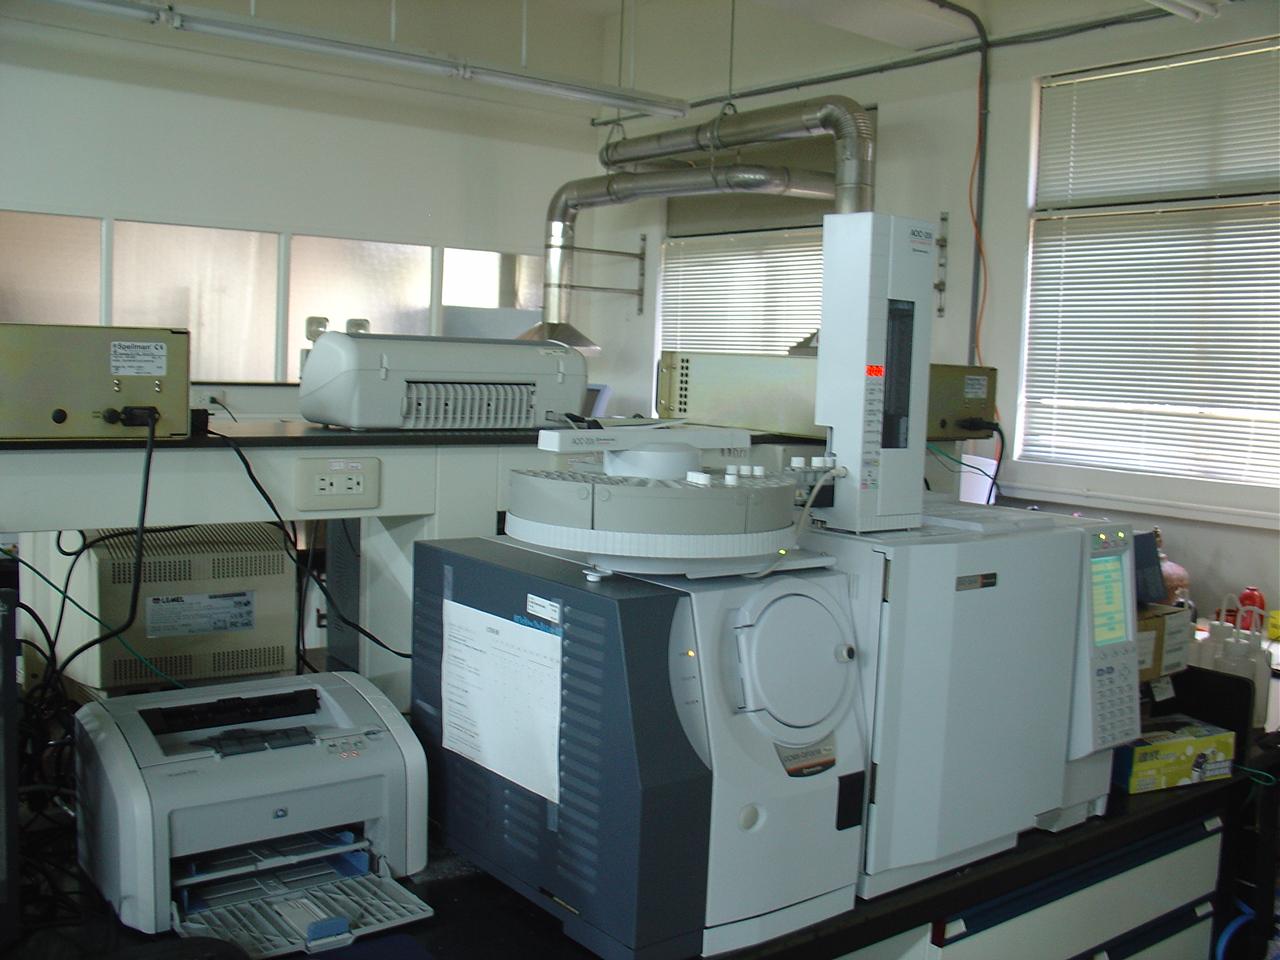 物理化学 -台湾大学化学实验室